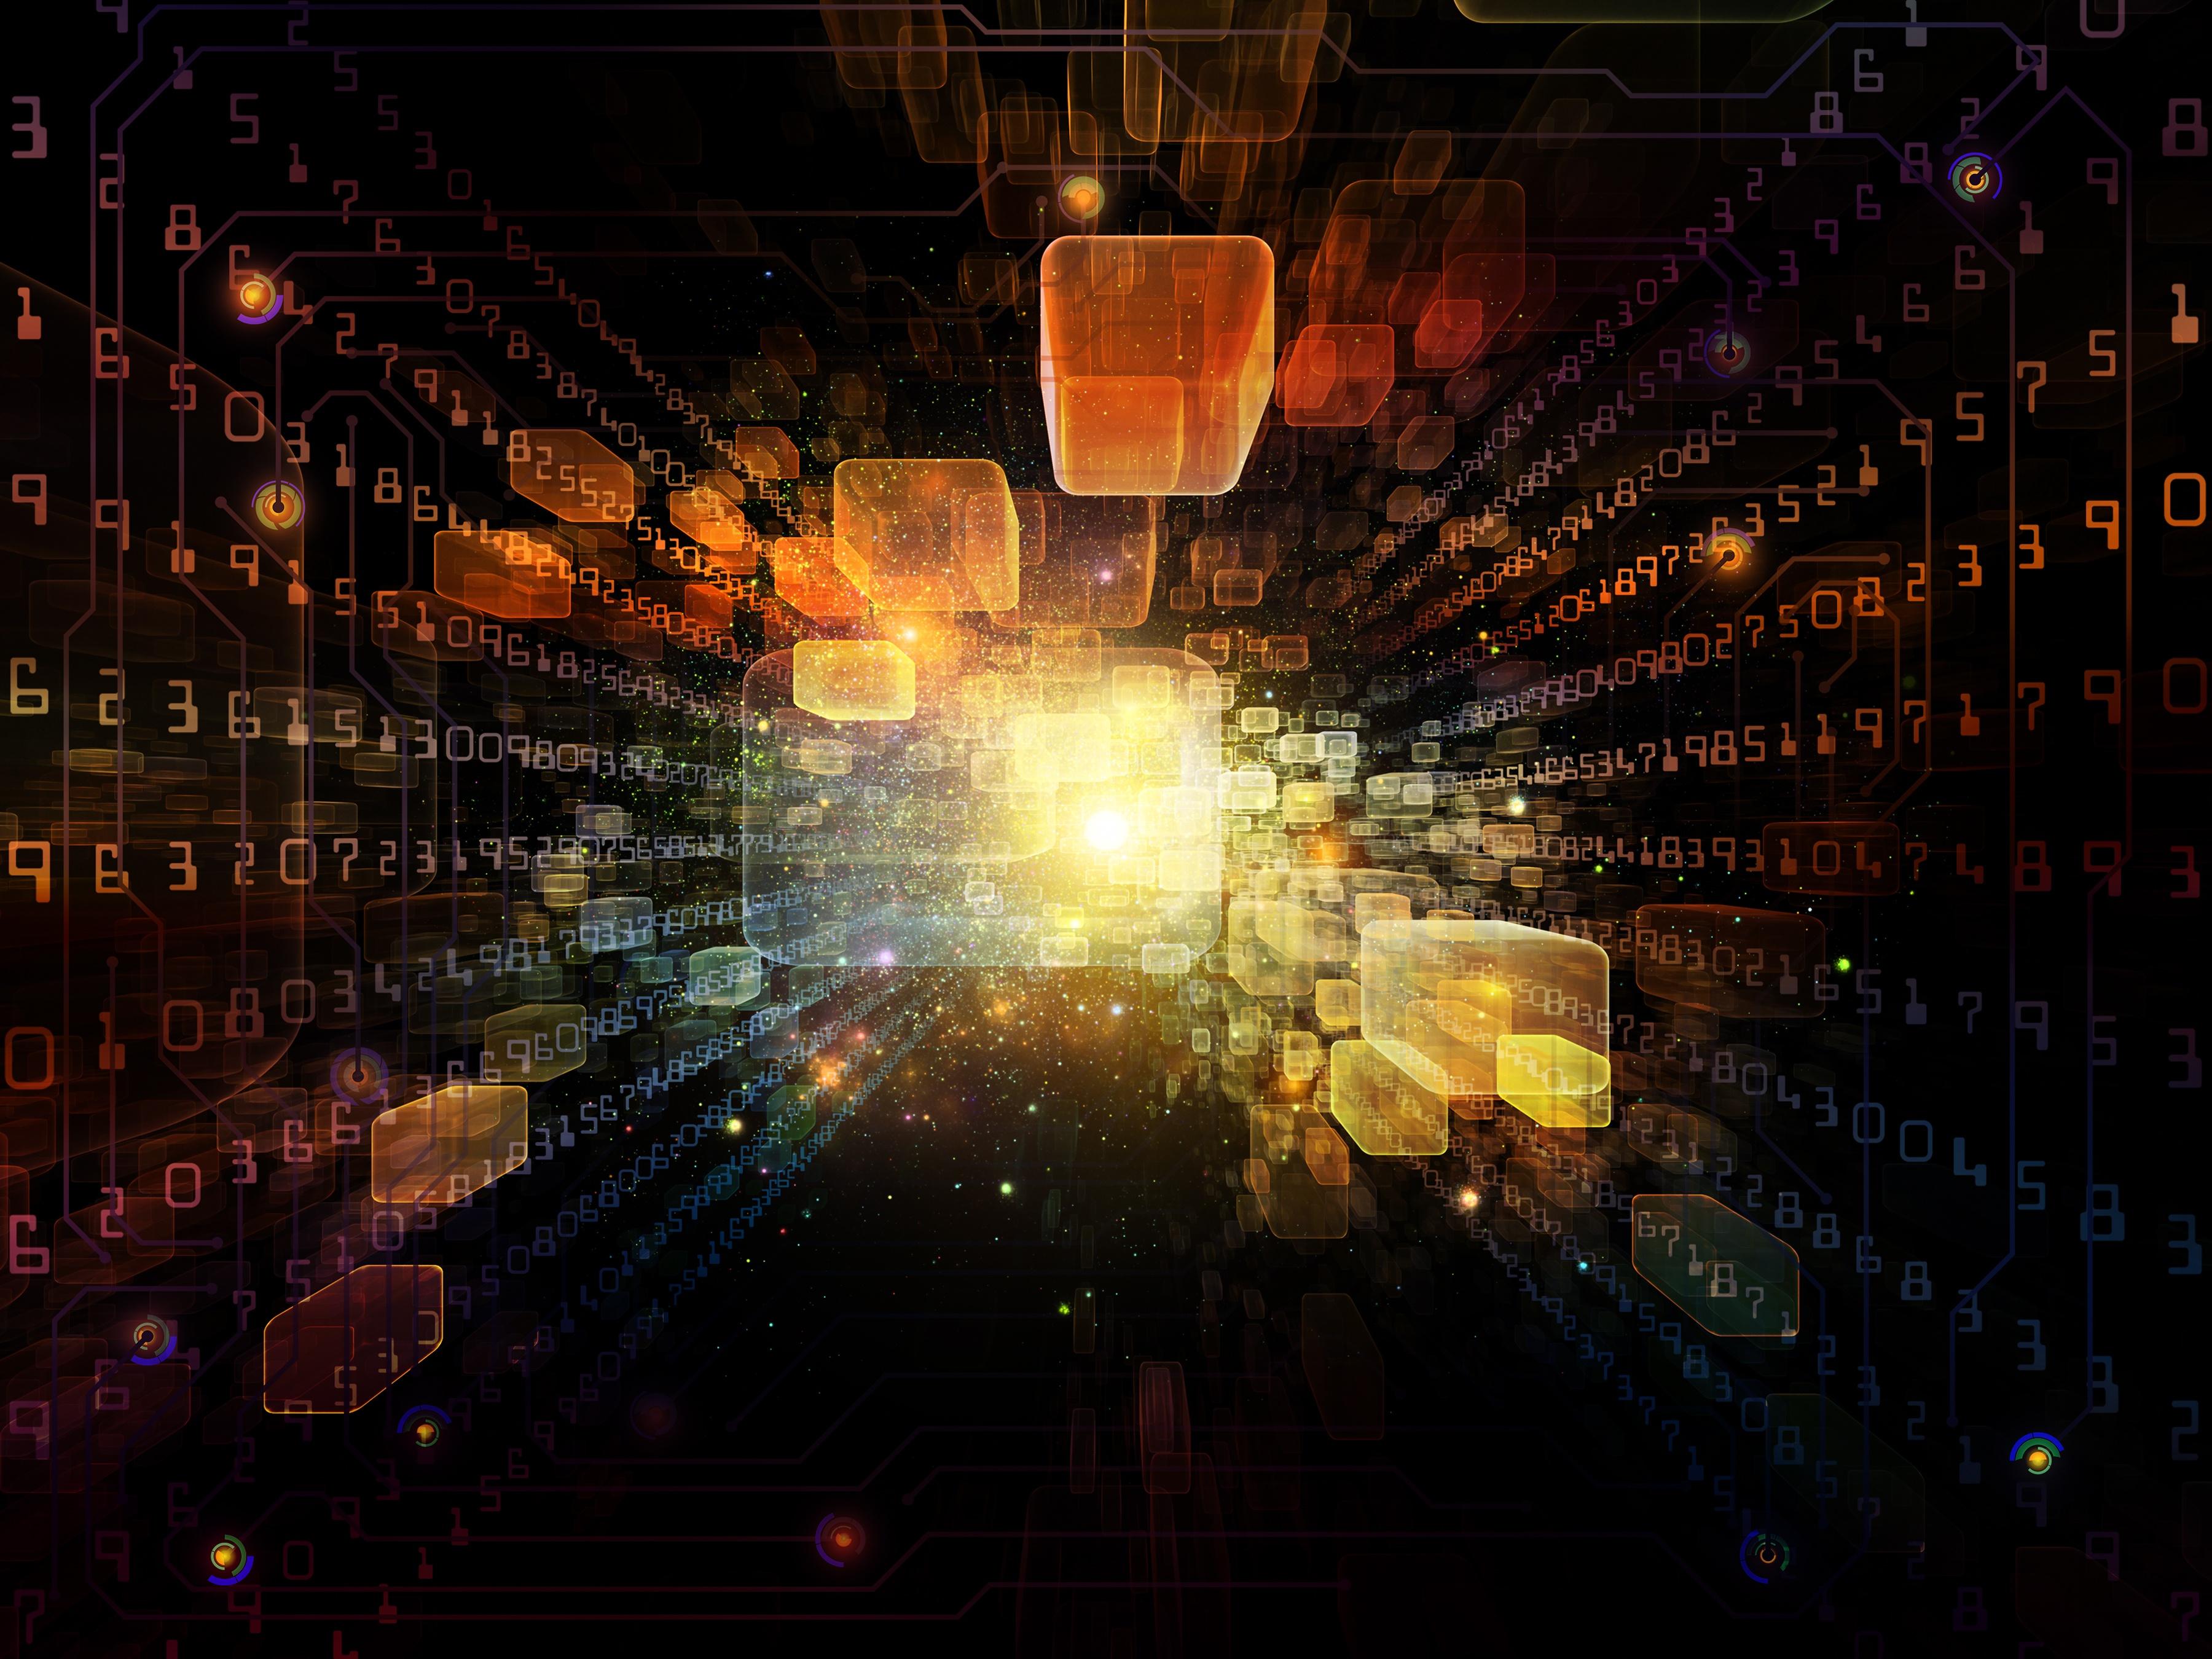 Aportando estructura de datos al Big Data para mejorar su rendimiento